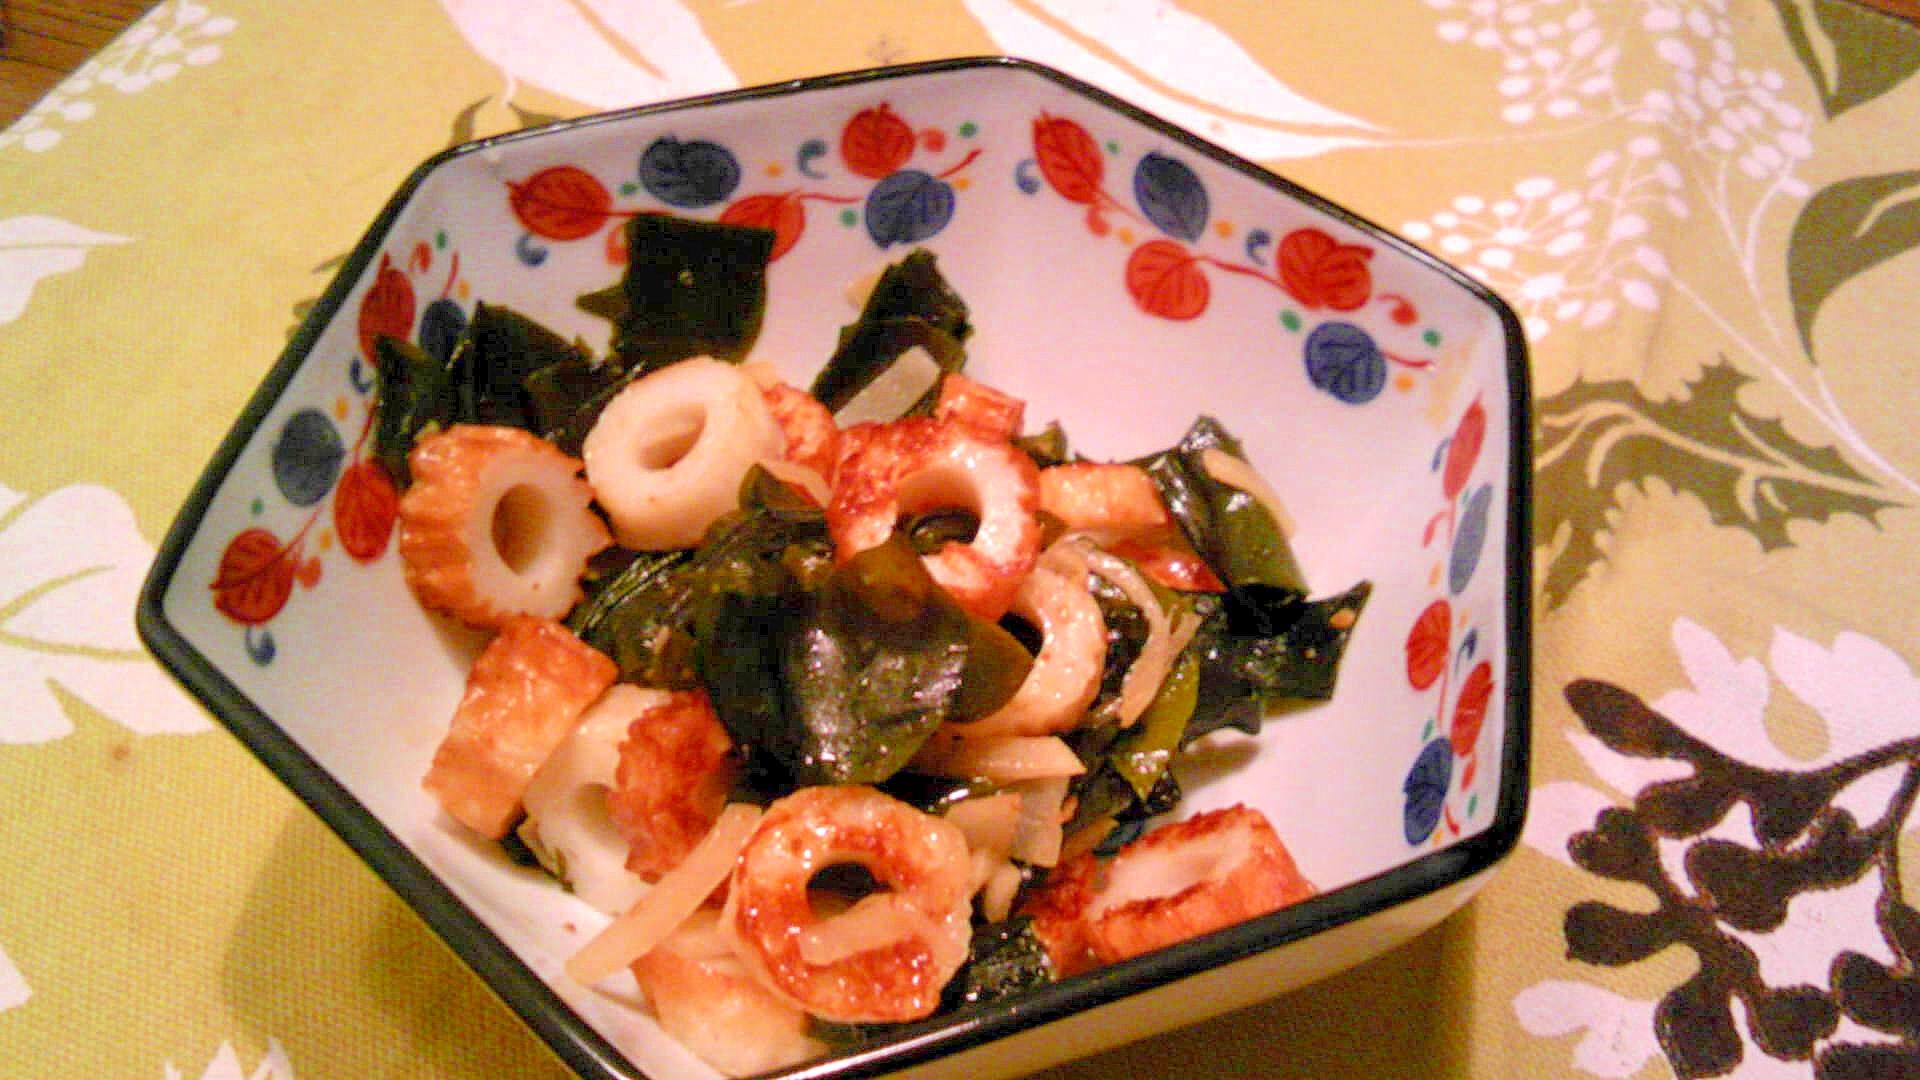 ちくわとわかめの炒め物、甘酢生姜・ゴマドレ風味